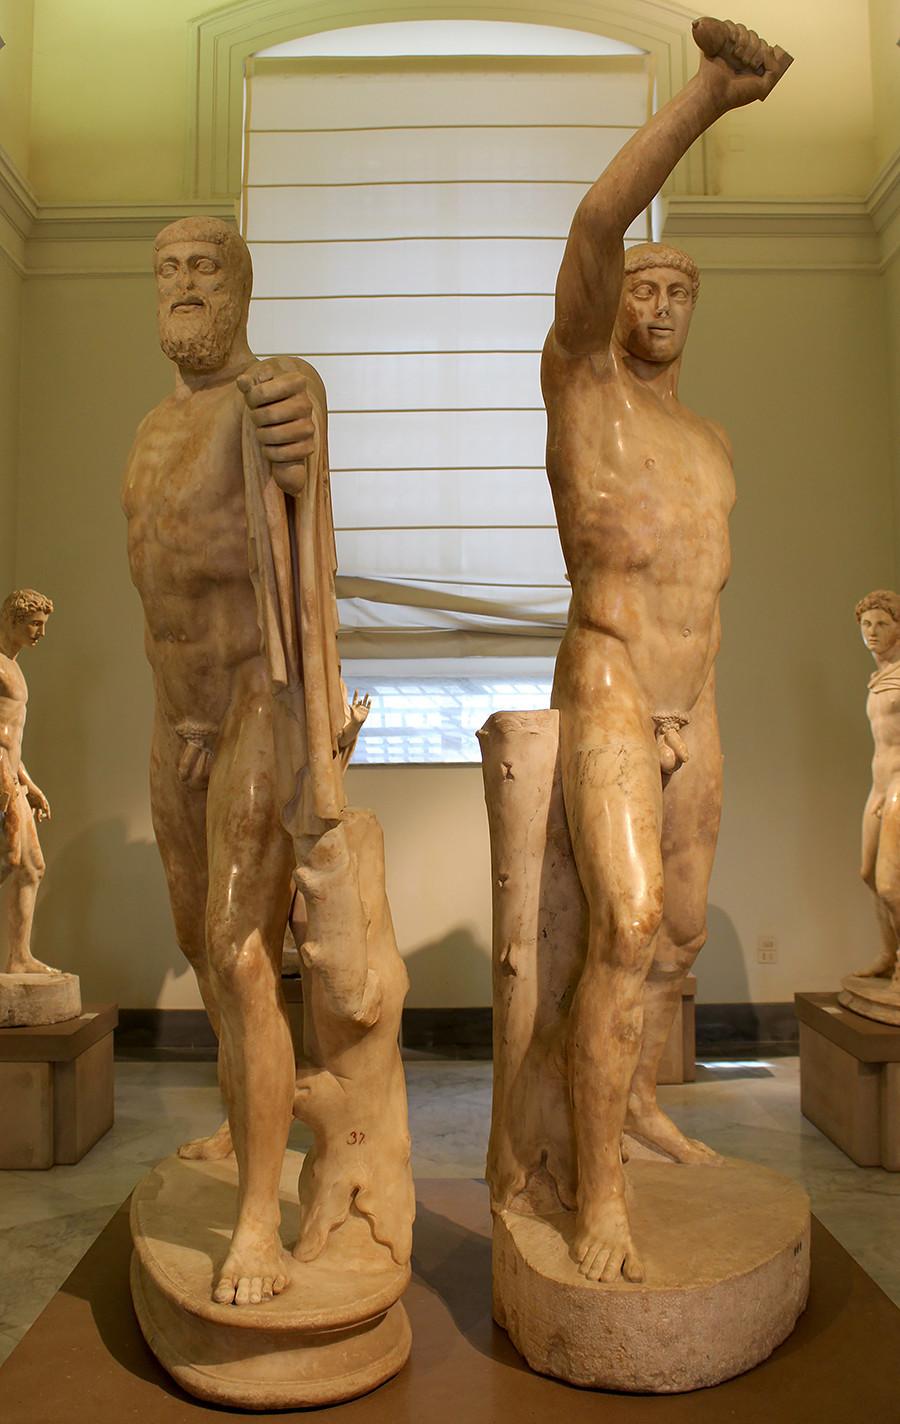 La sculpture des Tyrannoctones Harmodius et Aristogeiton.